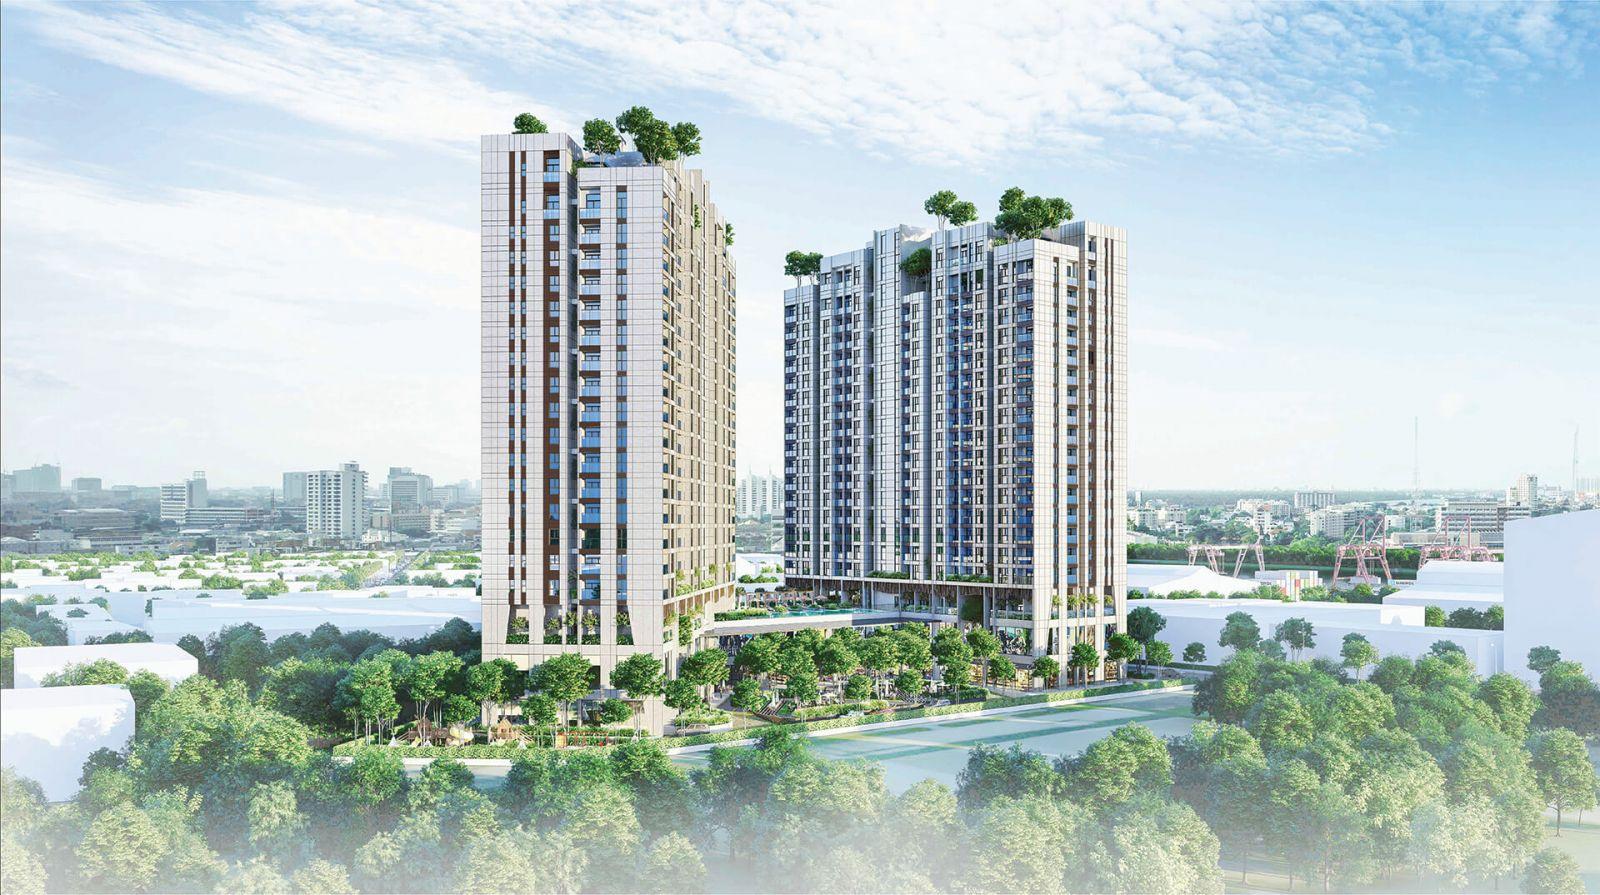 Phối cảnh dự án Asiana Riverside với sự bố trí thông minh tối ưu tầm nhìn cho tất cả căn hộ